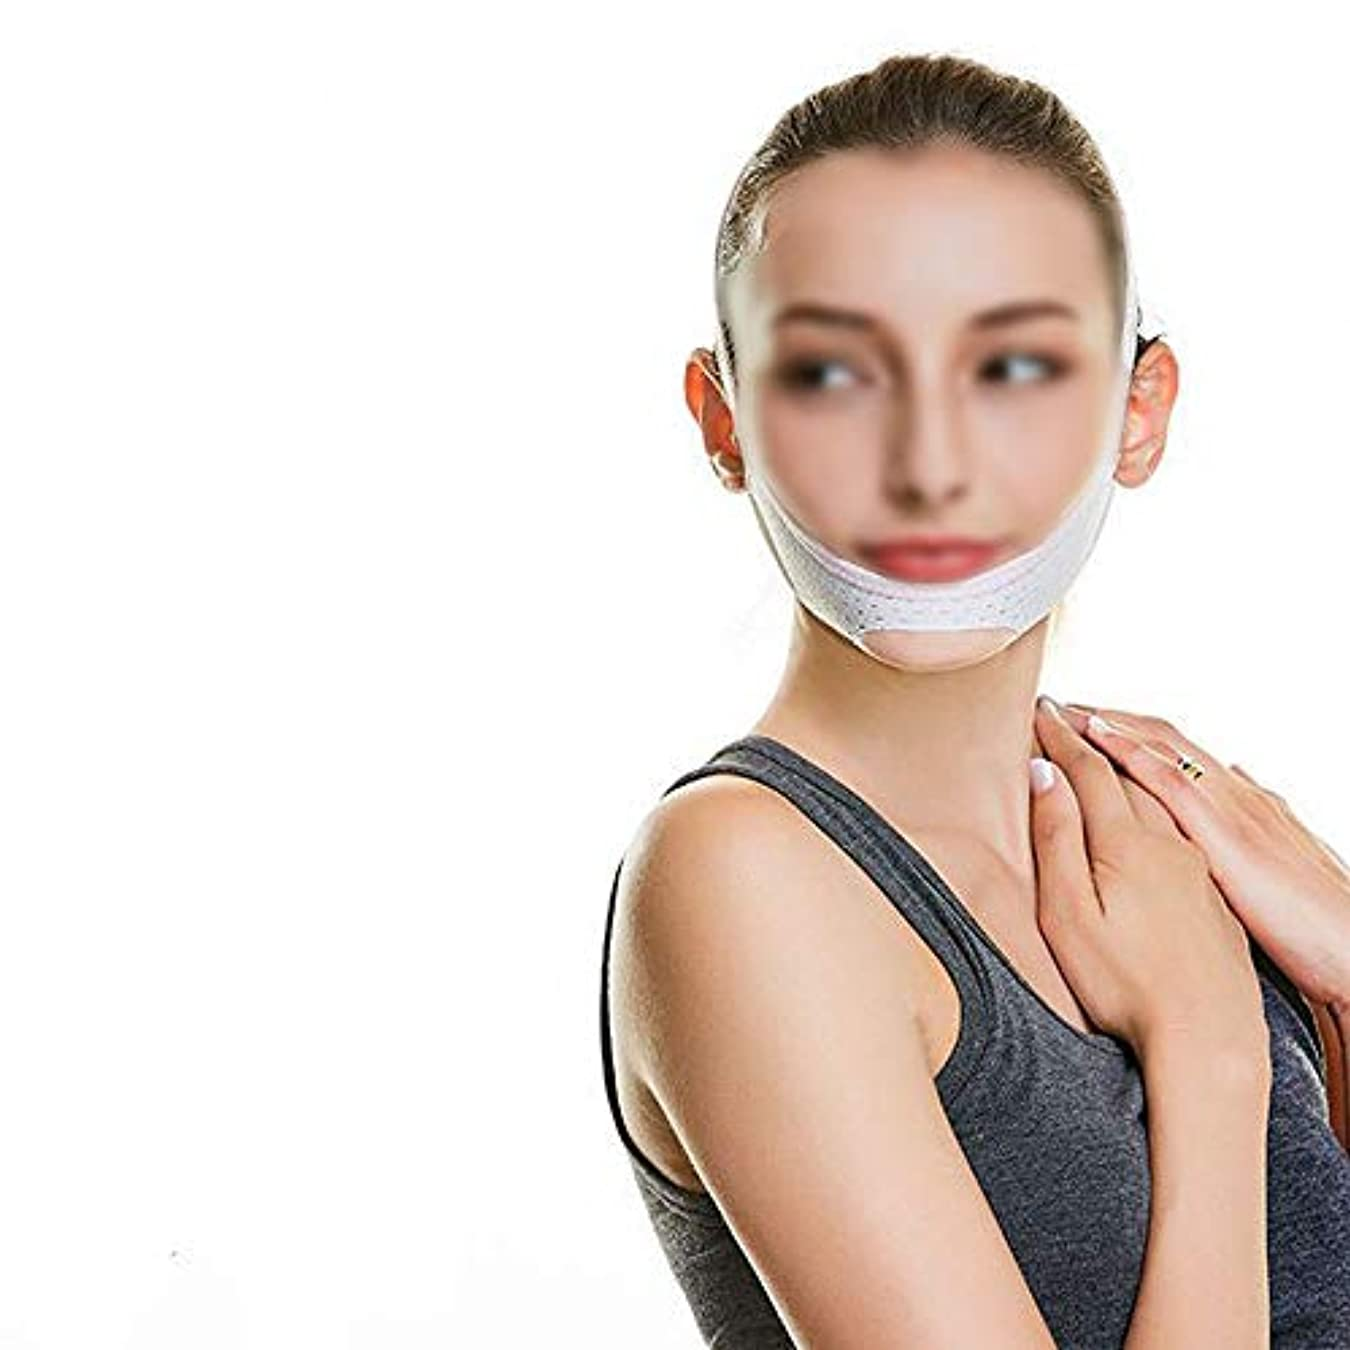 サイクル質素な対角線TLMY フェイスリフティング包帯回復マスクあごVフェイスリフト引き締め睡眠薄い顔アーティファクト 顔用整形マスク